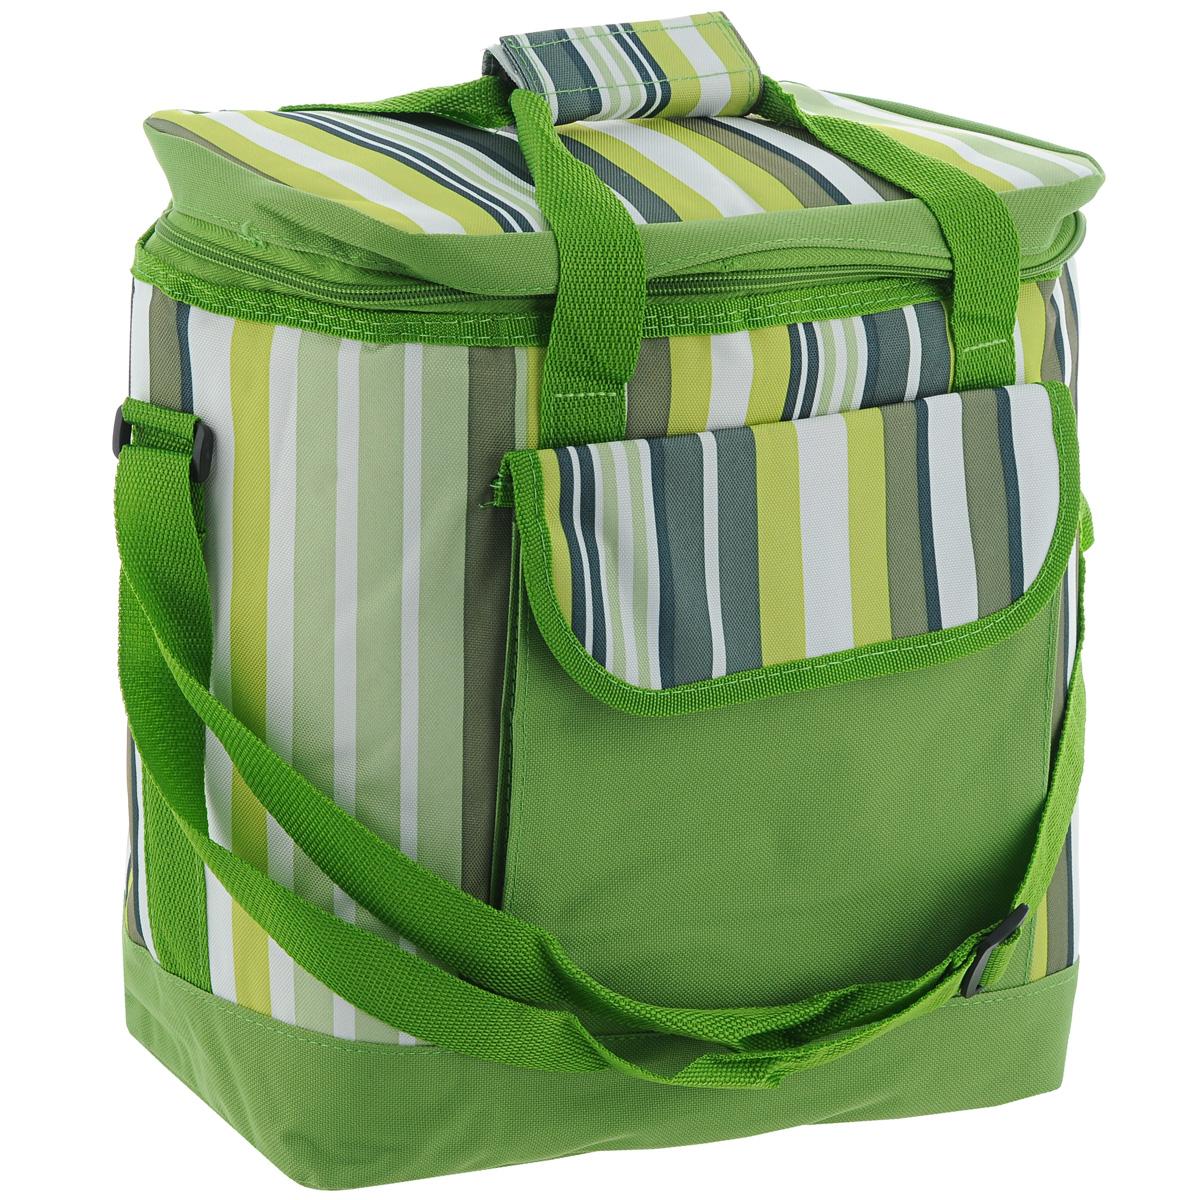 Термосумка Green Glade, цвет: зеленый, 20 л. Р1620Р1620Изотермическая термосумка Green Glade пригодится на любом пикнике. Изнутри термосумка отделана специальным теплоизолирующим материалом, способным надолго сохранить холод, даже в жару. Сохранение температурного режима до 12 часов. Снаружи сумка изготовлена из плотного полиэстера с принтом в разноцветную вертикальную полоску. Достаточно вместительна, подходит для хранения и пищи, и напитков. Имеет одно основное отделение, закрывающееся на молнию. Спереди содержится кармашек для хранения столовых приборов и салфеток, закрывающийся клапаном на липучку. Для удобной переноски сумка оснащена двумя ручками и отстегивающимся плечевым ремнем. Сумка идеально подходит для отдыха на природе, пикников, туристических походов и путешествий.